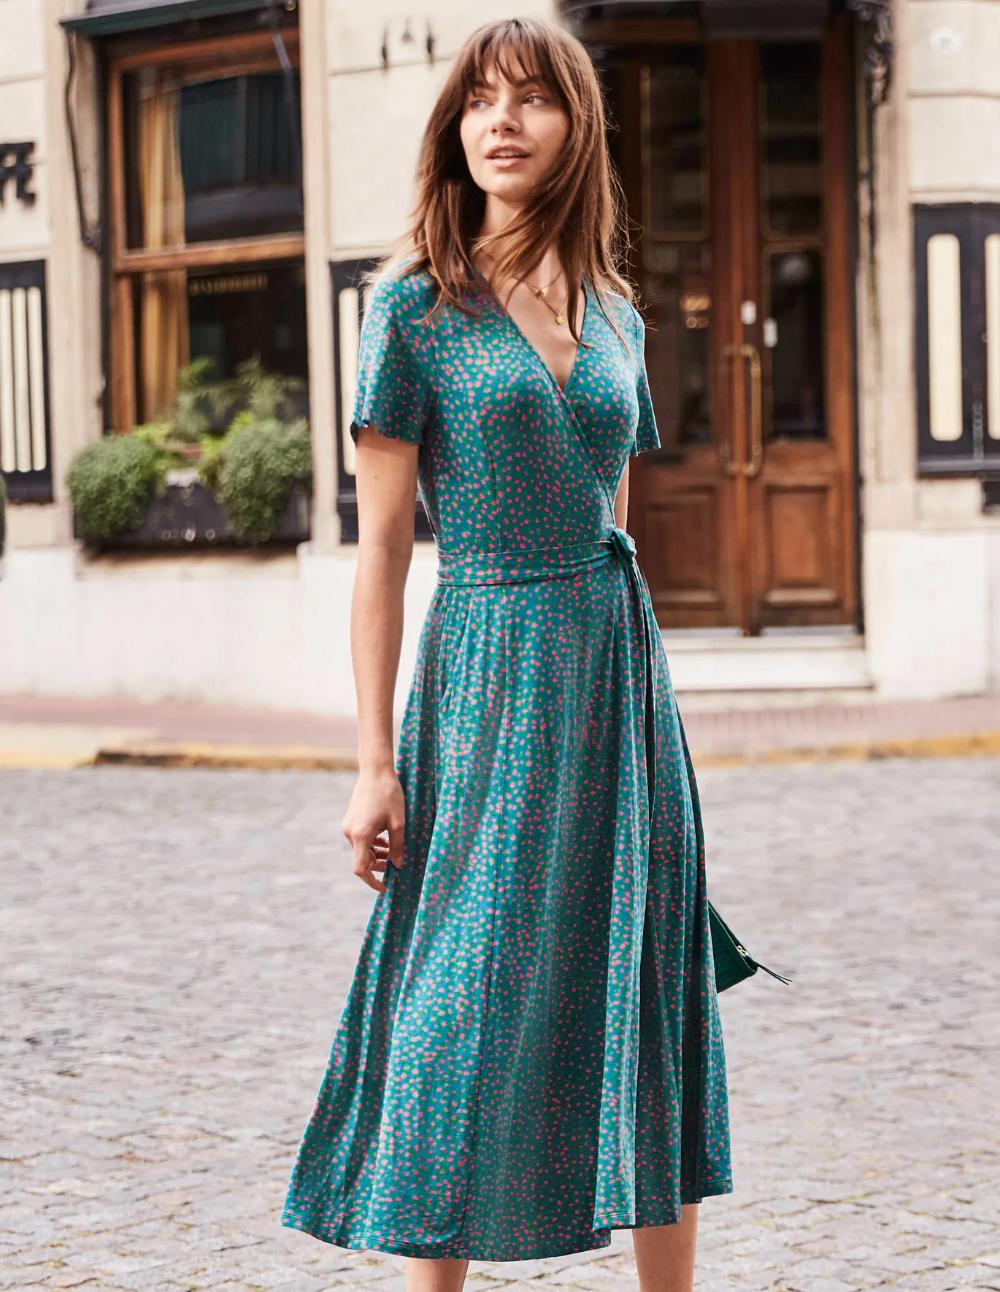 Cassia Jersey Midi Dress Vibrant Teal Speckle Stylish Midi Dress Midi Dress Casual Dress Outfits [ 1292 x 1000 Pixel ]